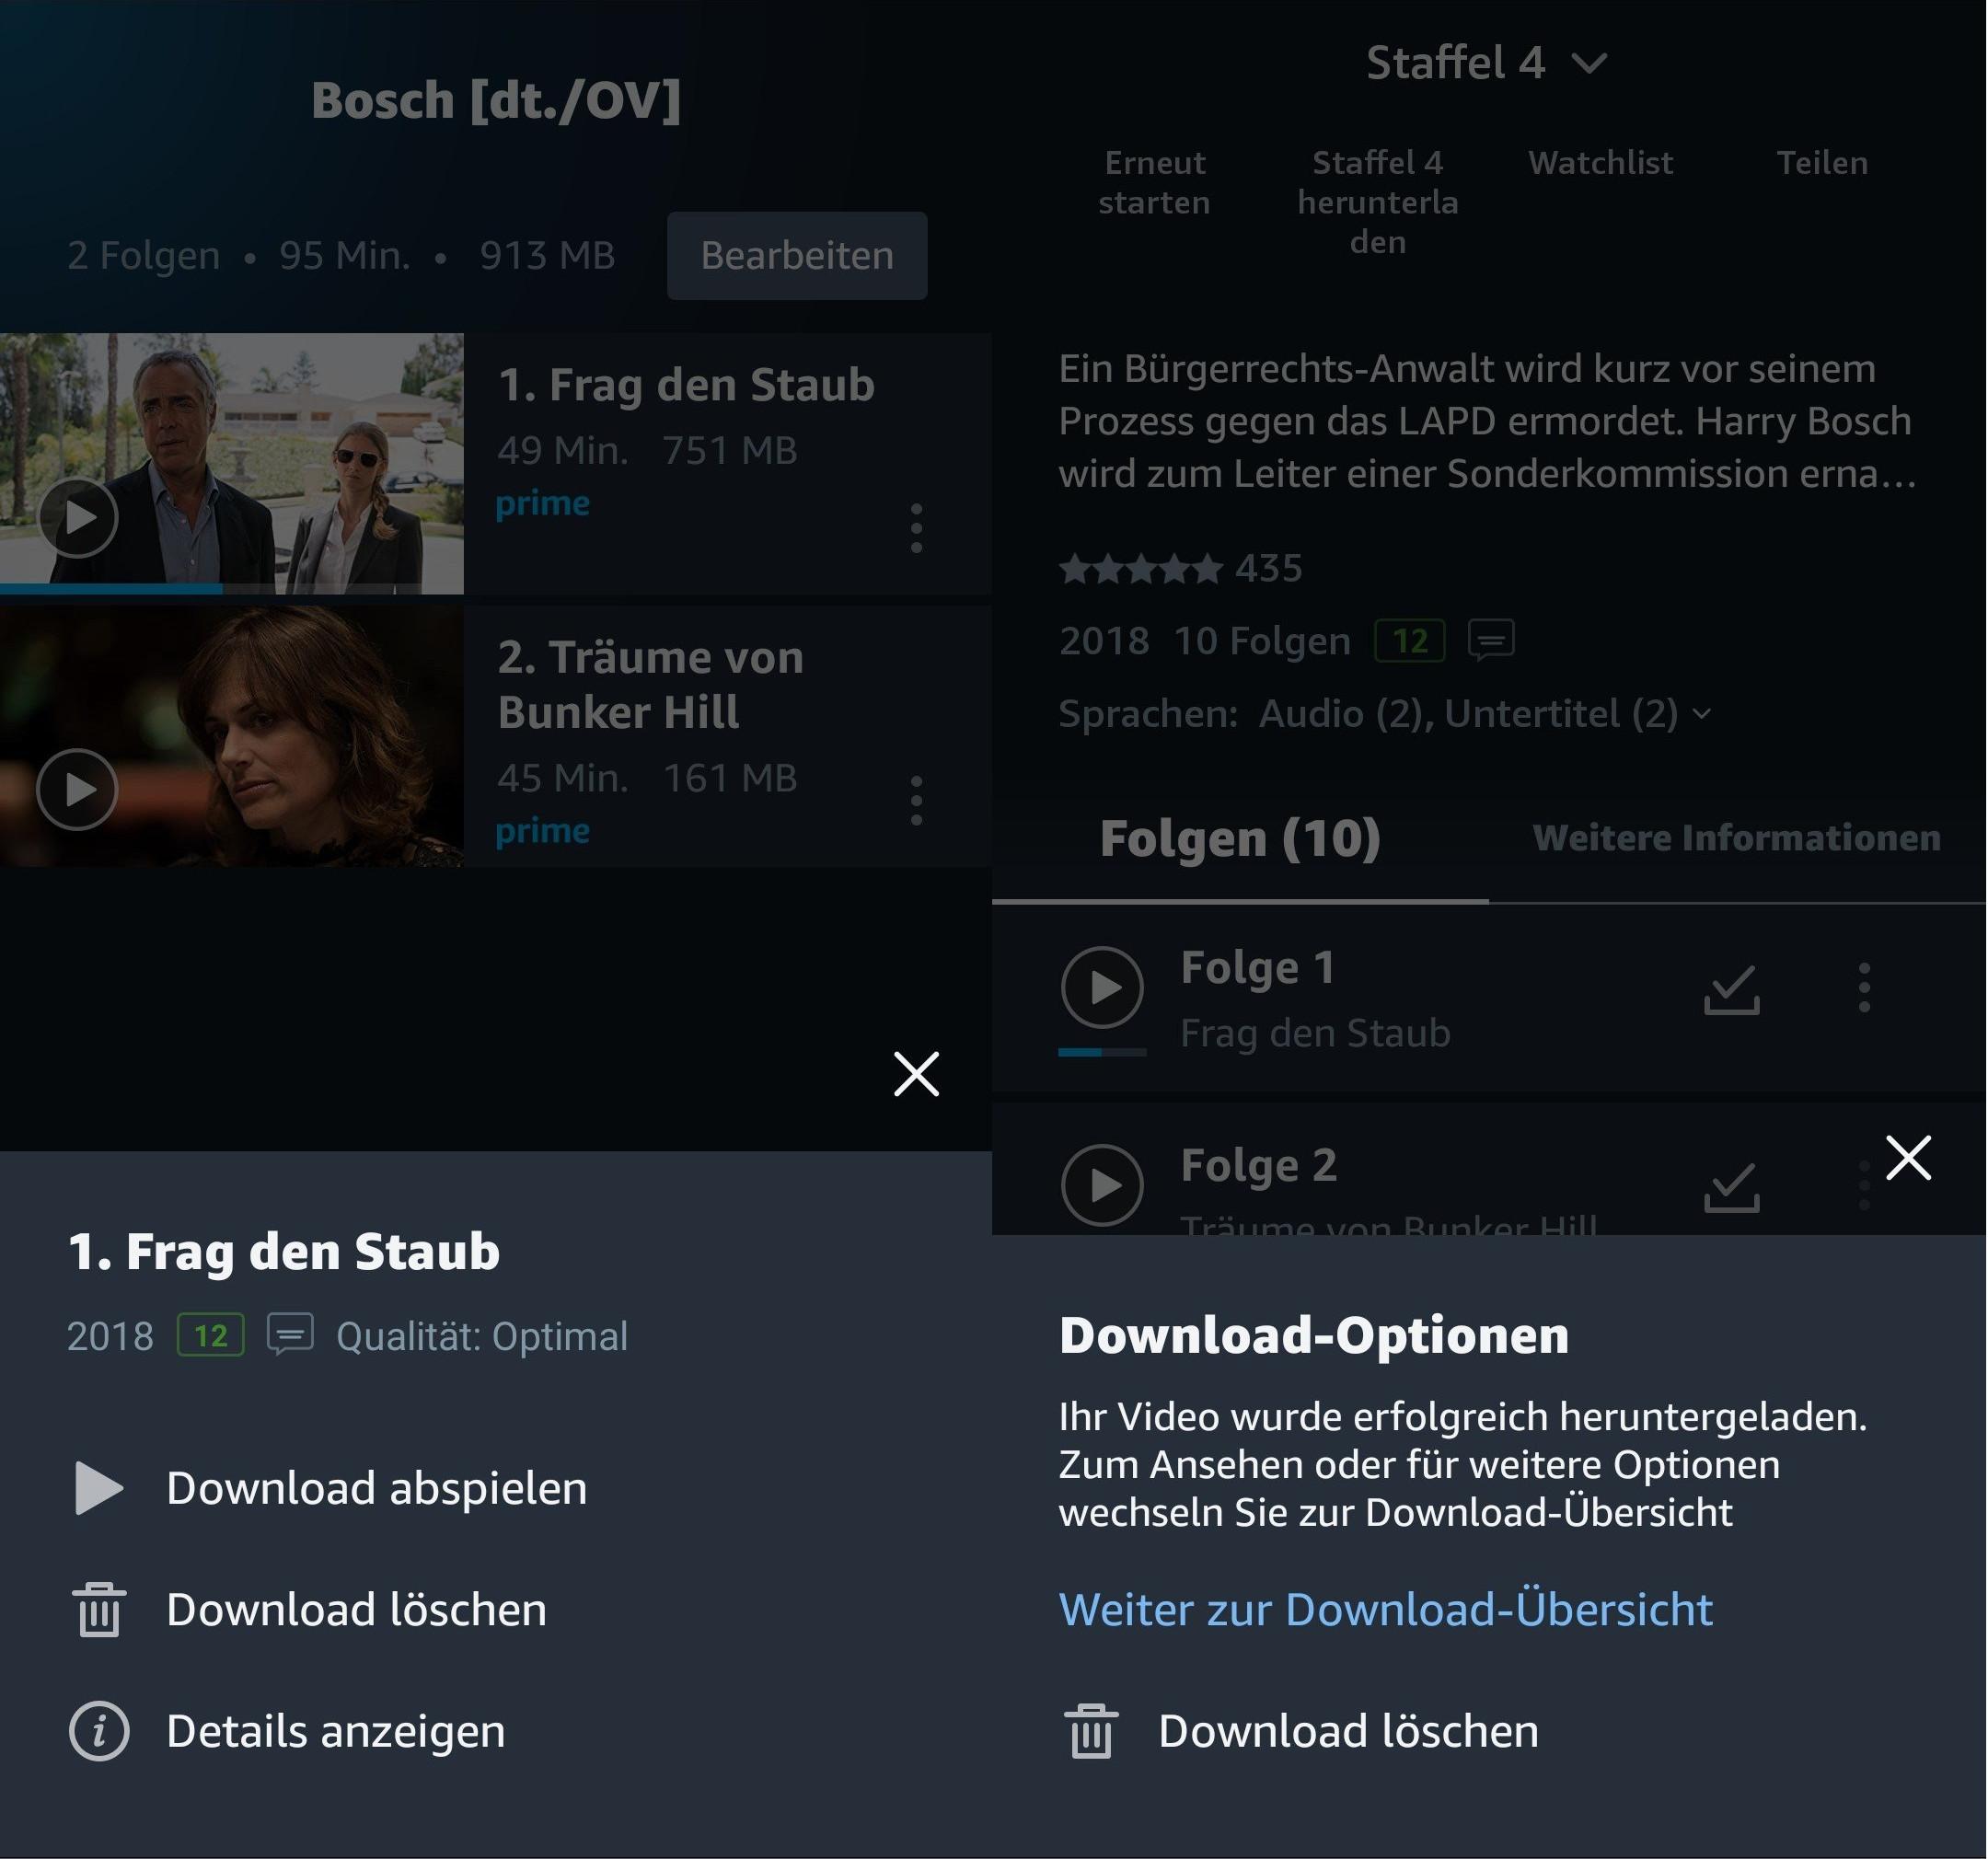 Downloads löschen in Amazon Prime Video